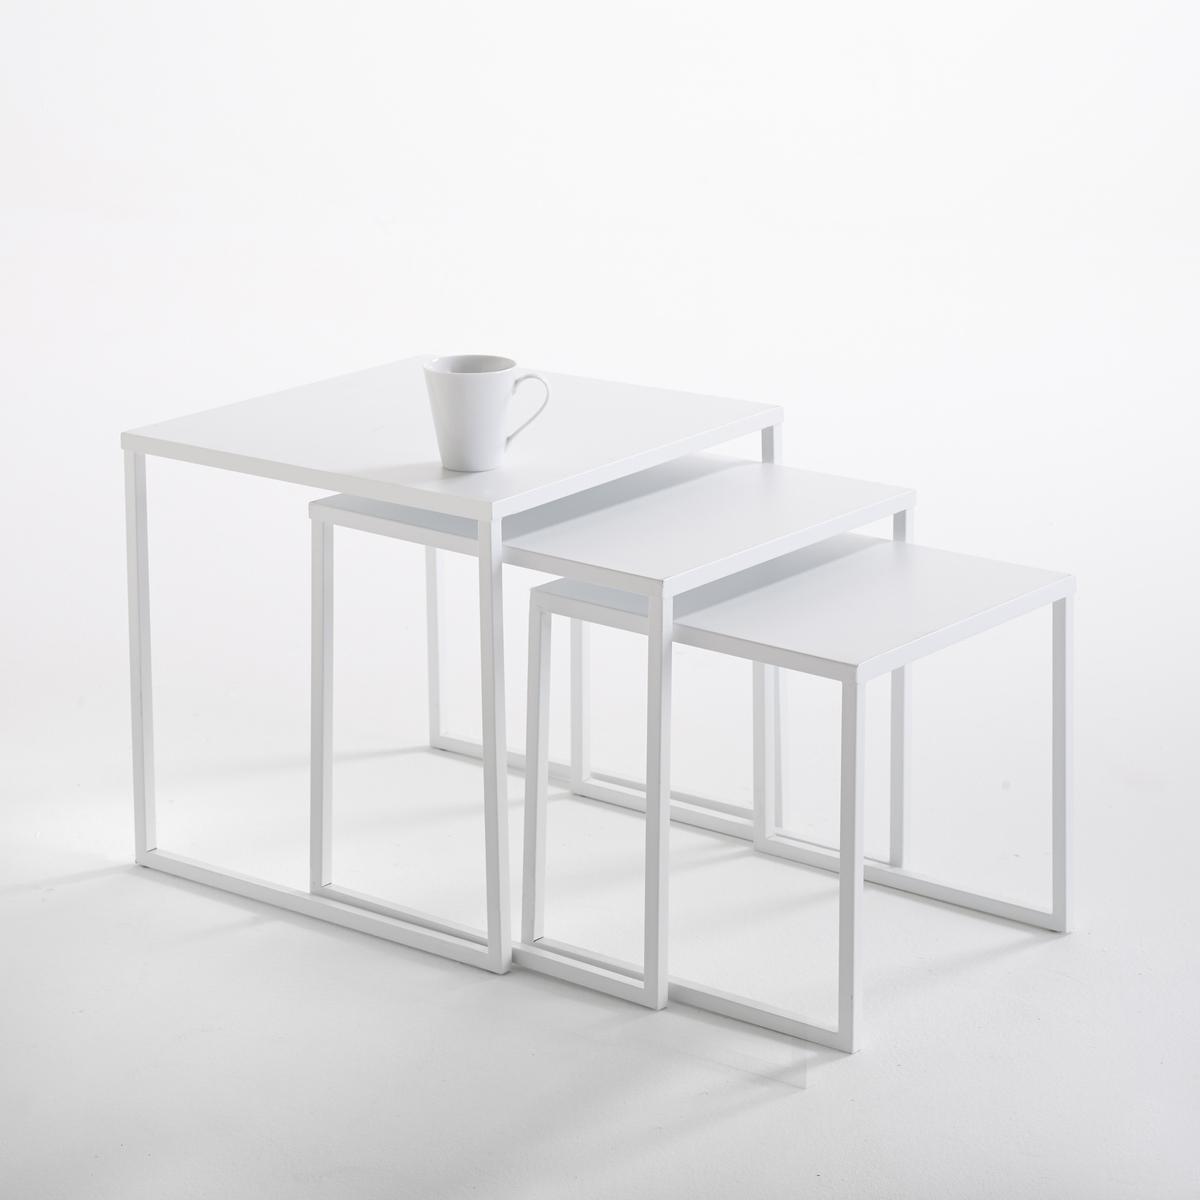 Комплект из 3 журнальных столиков Hiba, вдвигающихся один в другой, из сталиОписание 3 столиков Hiba, вдвигающихся один в другой, из лакированной стали :3 столика разных размеровХарактеристики 3 столиков Hiba, вдвигающихся один в другой, из лакированной стали :Сталь, покрытая матовым эпоксидным лаком белого цветаДругие предметы мебели из коллекции Hiba вы можете найти на сайте laredoute.ruРазмеры 3 столиков Hiba, вдвигающихся один в другой, из лакированной стали :Большой столик Ширина : 45 смВысота : 45 смГлубина : 45 смСредний столикШирина : 40 смВысота : 40 смГлубина : 40 смМаленький столик Ширина : 35 см.Высота : 35 смГлубина : 35 смРазмеры и вес упаковки :1 упаковкаШ.51 x В.50 x Г.51 см10 кгДоставка: Продается в собранном виде. Возможна доставка до двери при предварительной договоренности!<br><br>Цвет: белый<br>Размер: единый размер